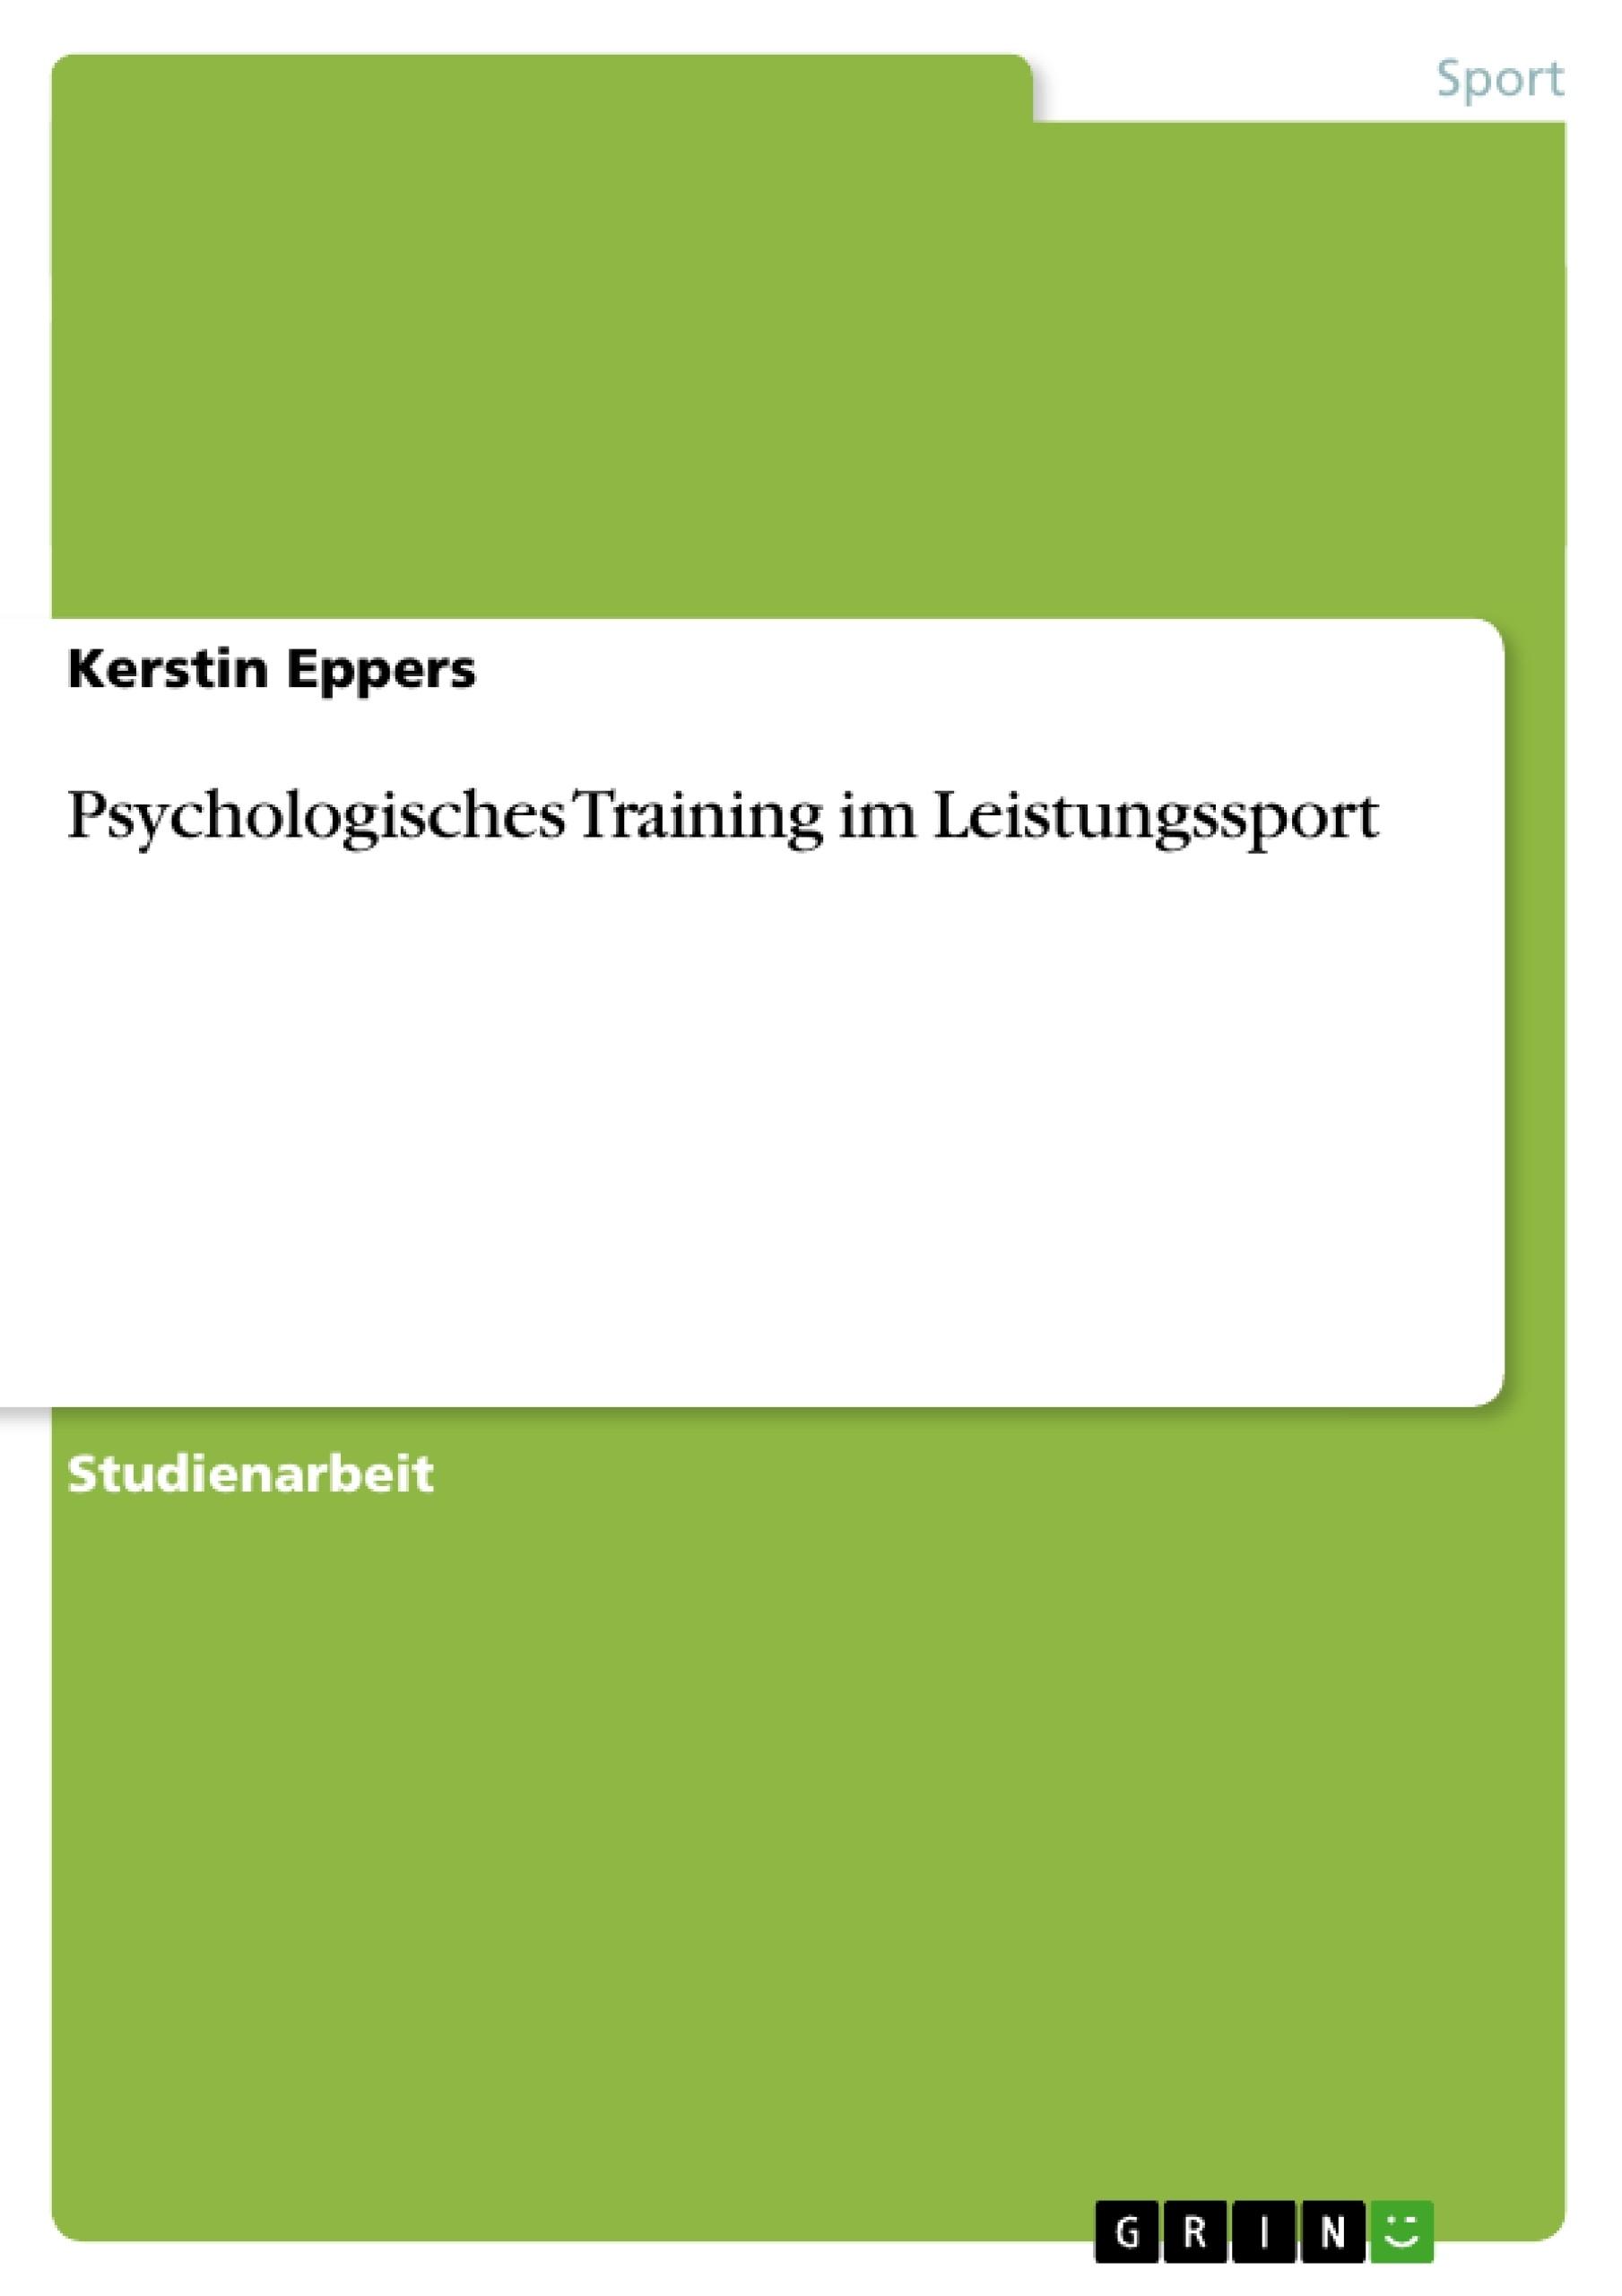 Titel: Psychologisches Training im Leistungssport